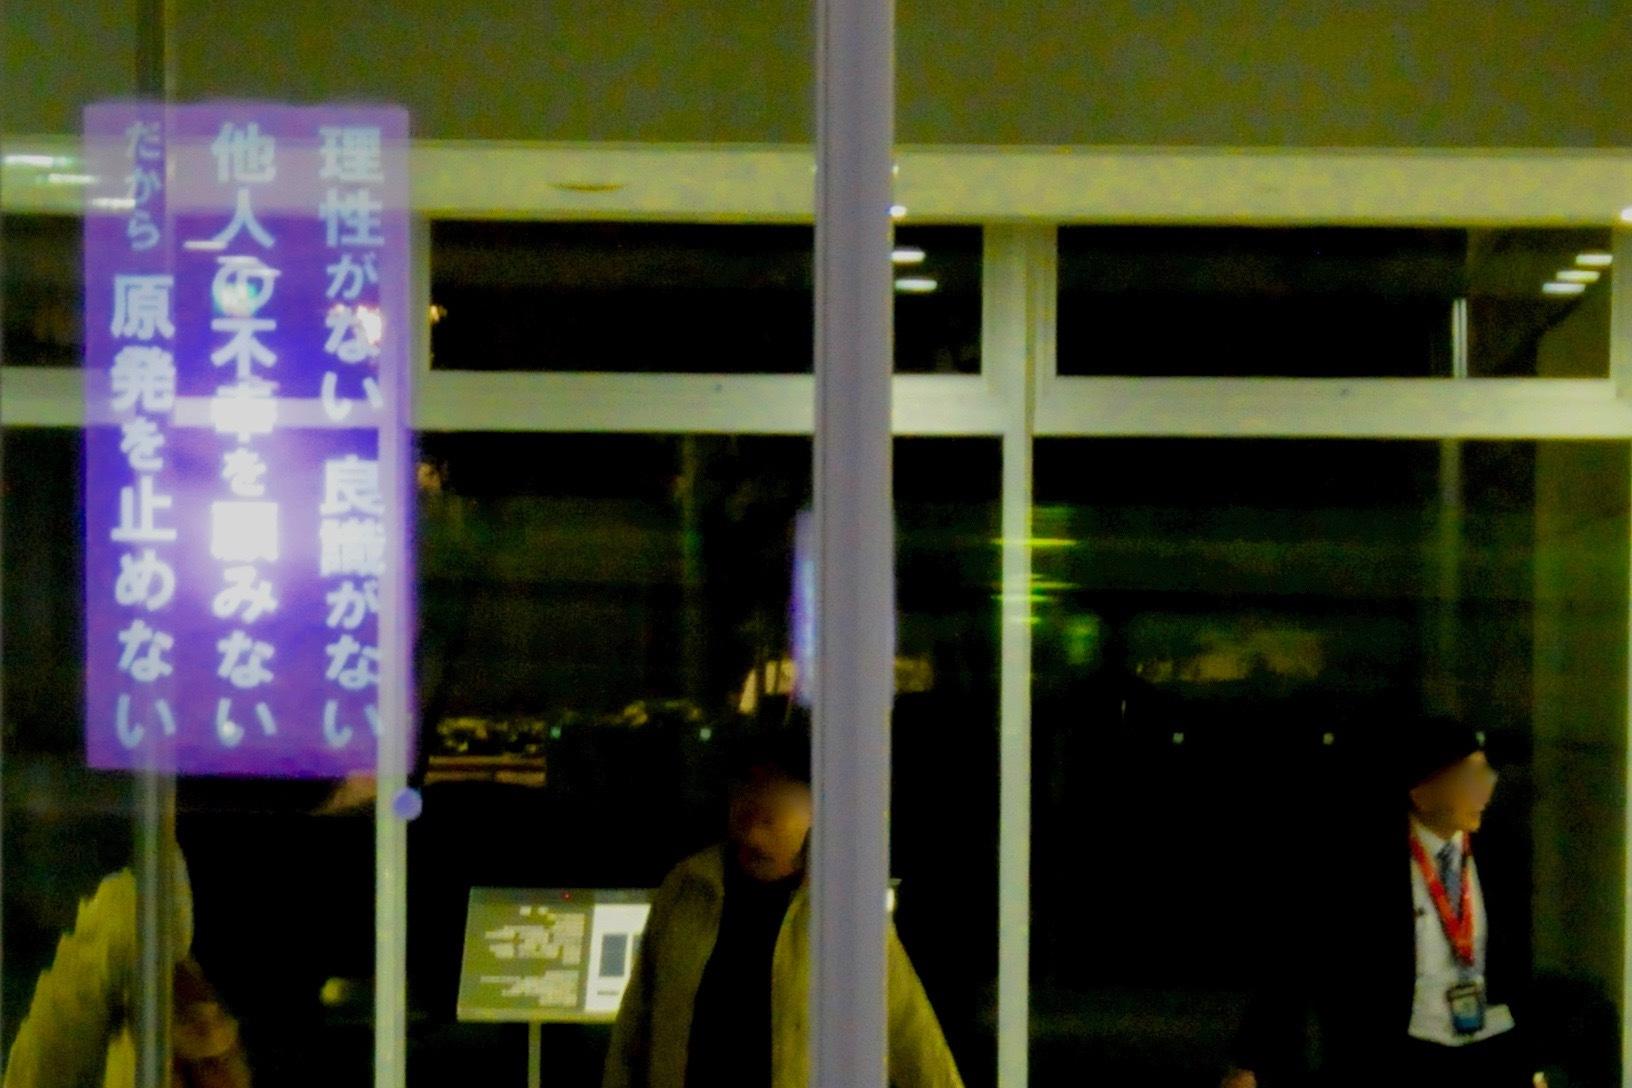 384回目四電本社前再稼働反対抗議レポ 11月15日(金)高松 【 伊方原発を止める。私たちは止まらない。56】【 自宅から一歩も出てはいけない。 】_b0242956_19583072.jpeg